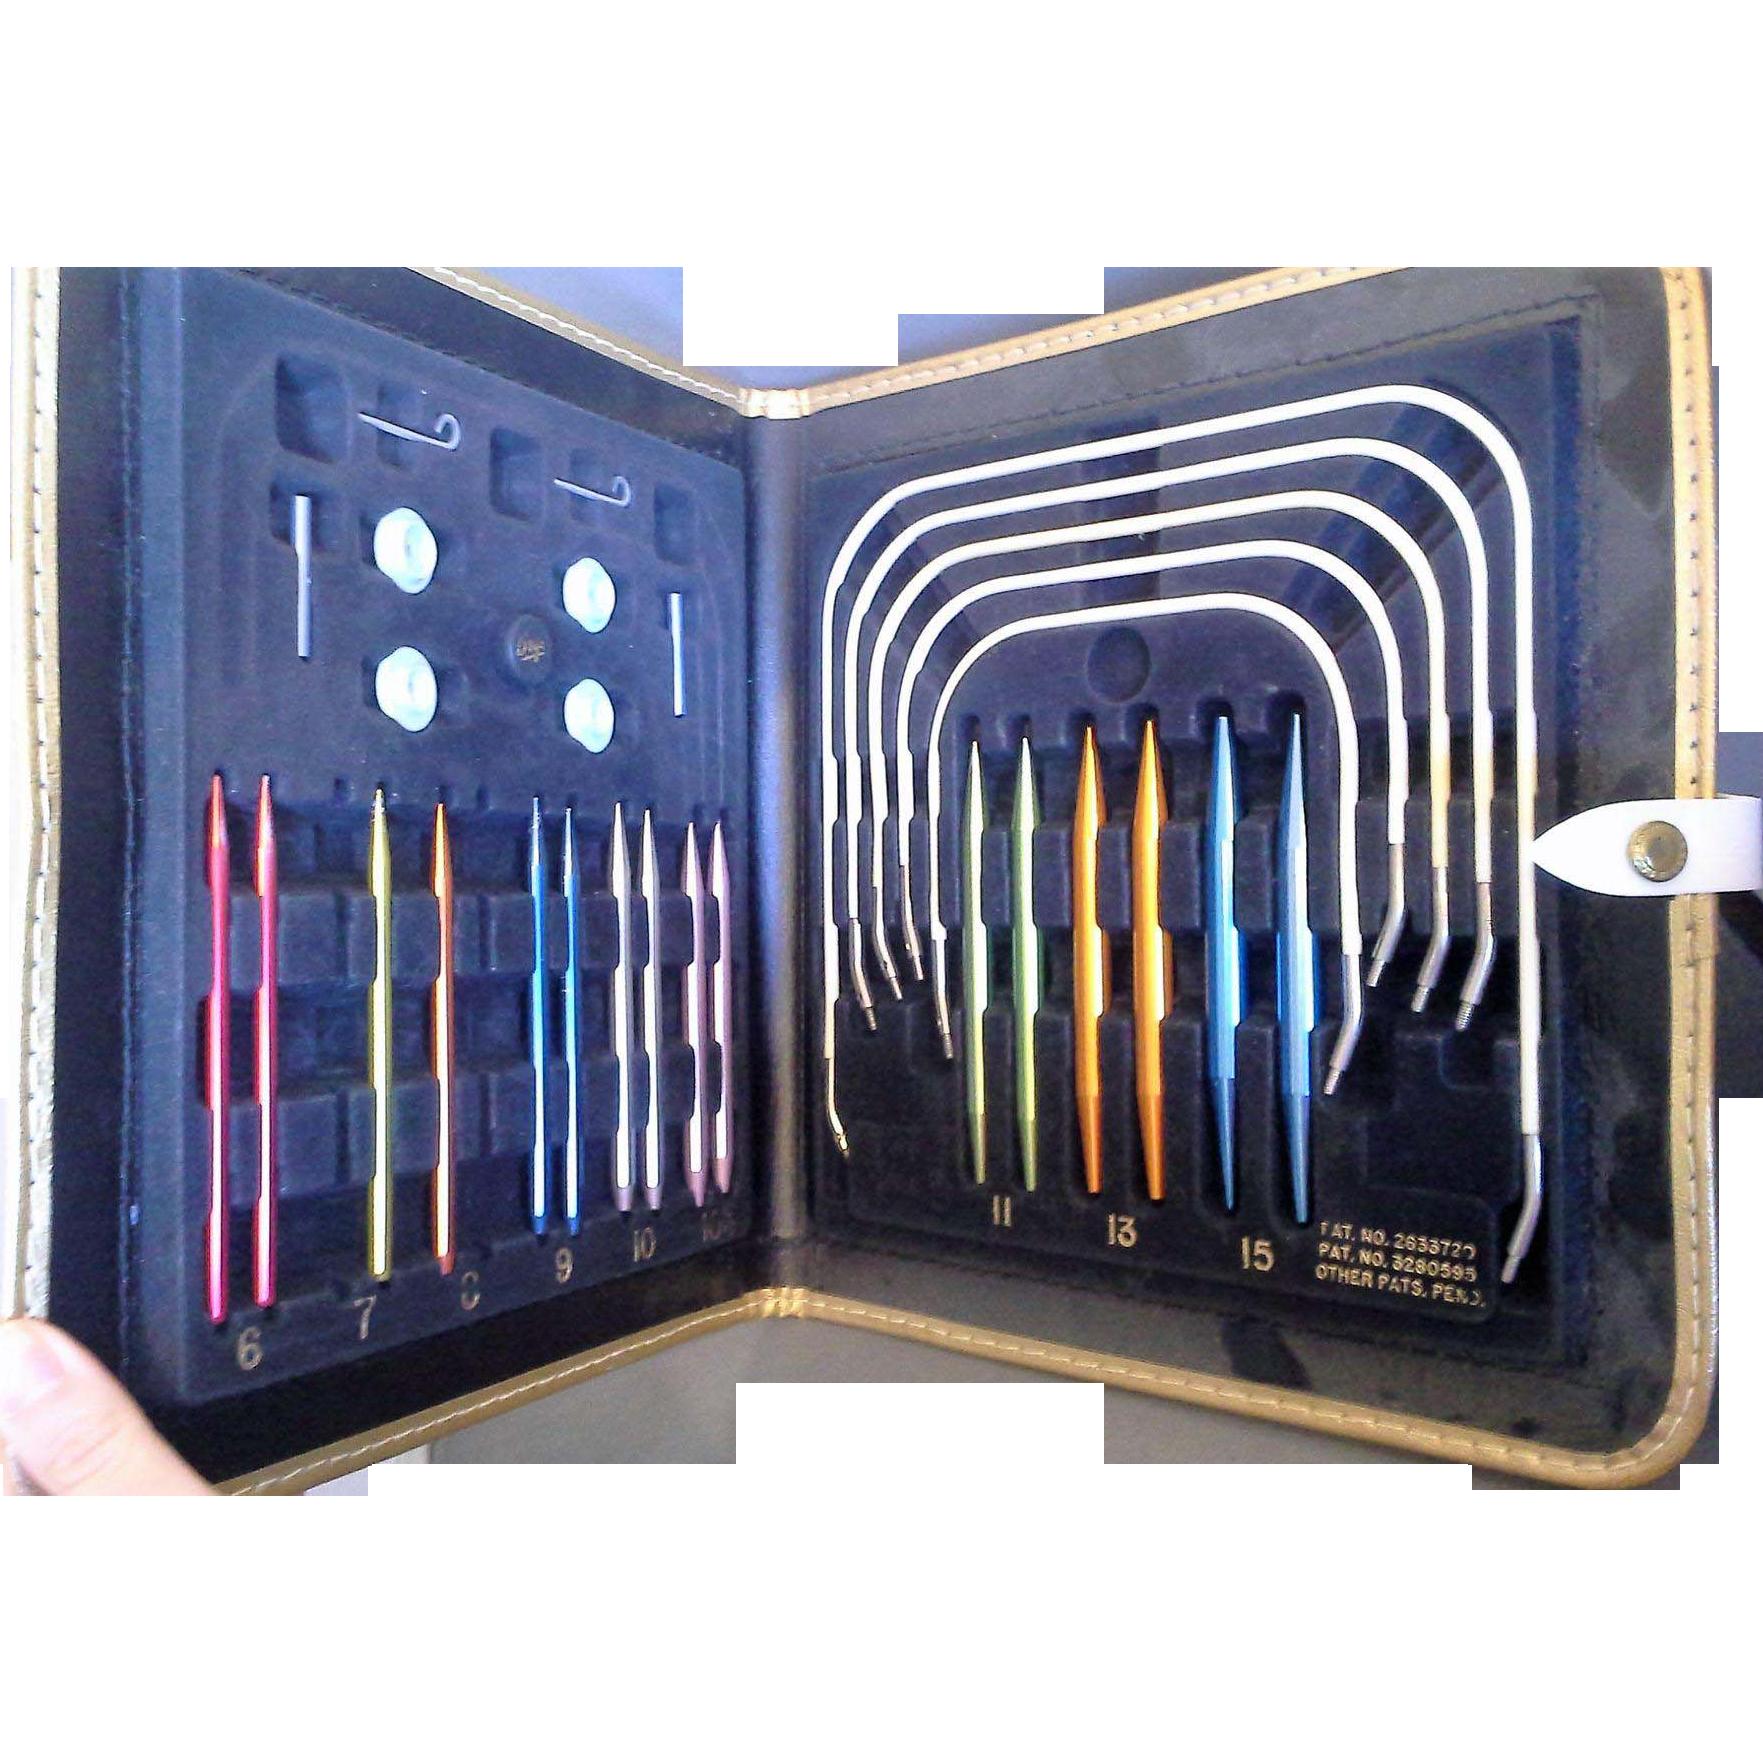 Boye Knitting in the Round Circular Needles Vintage Set Case